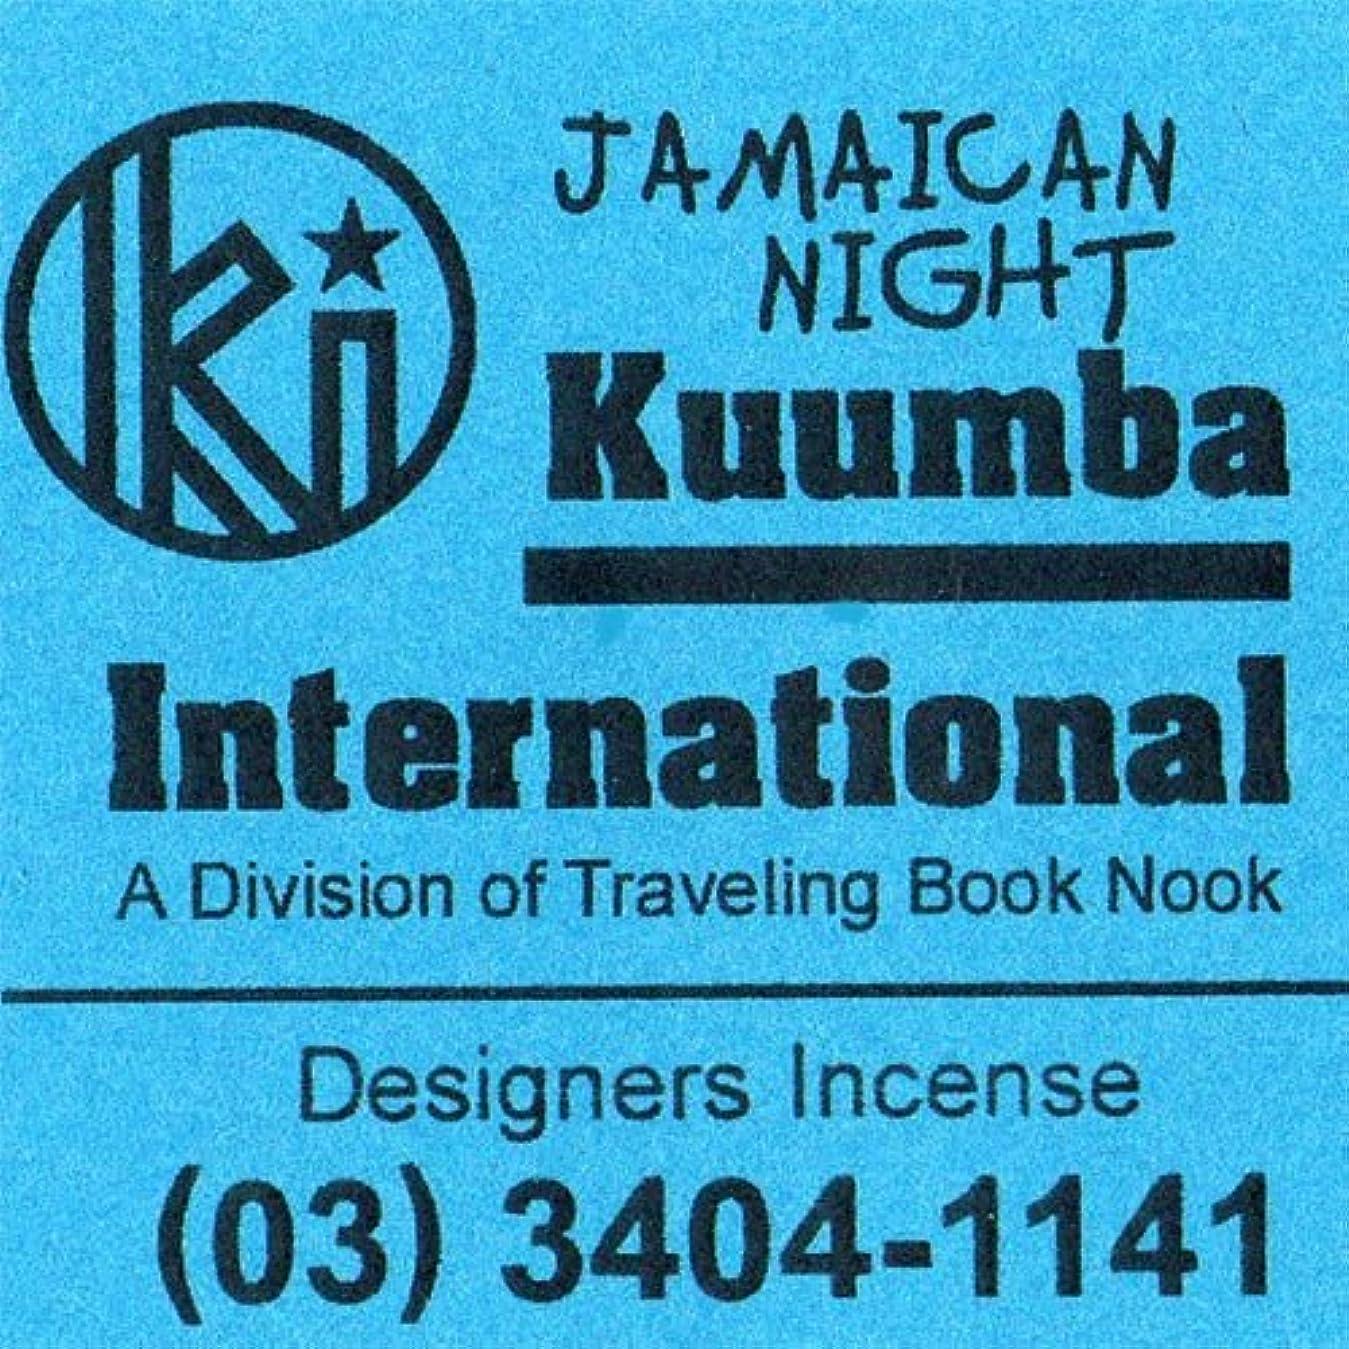 ドア汚れたアルファベット順KUUMBA / クンバ『incense』(JAMAICAN NIGHT) (Regular size)